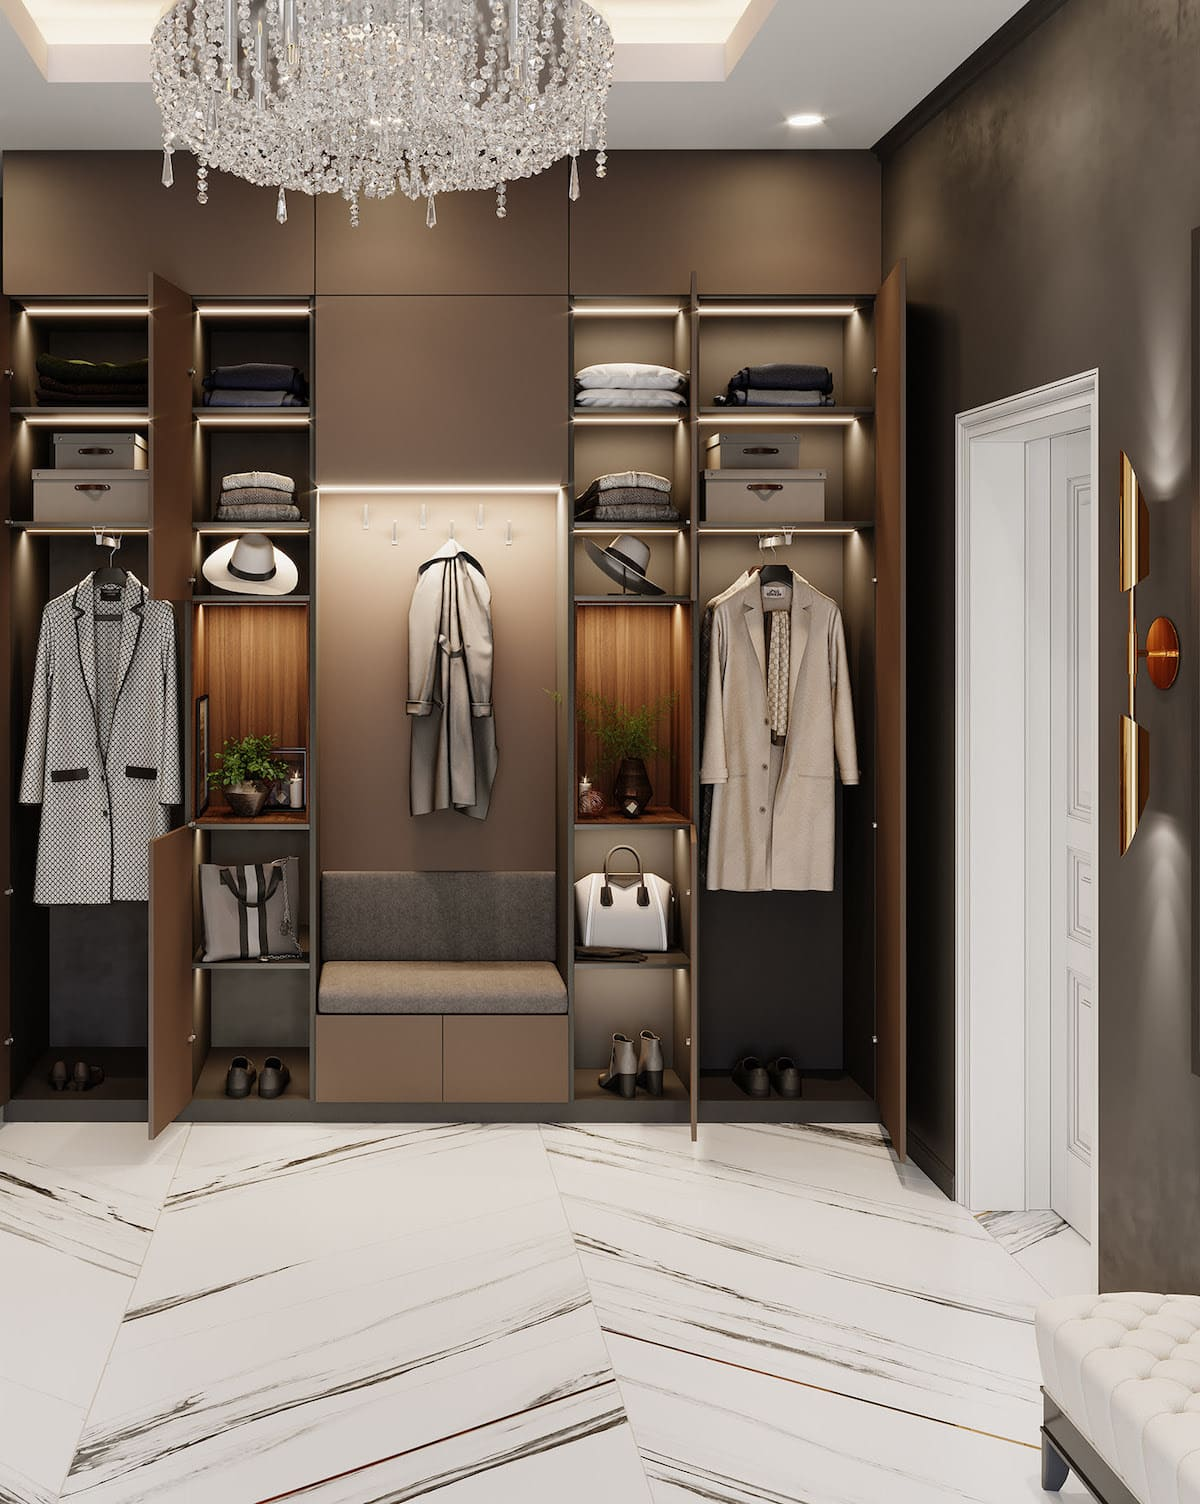 design d'intérieur couloir photo 74